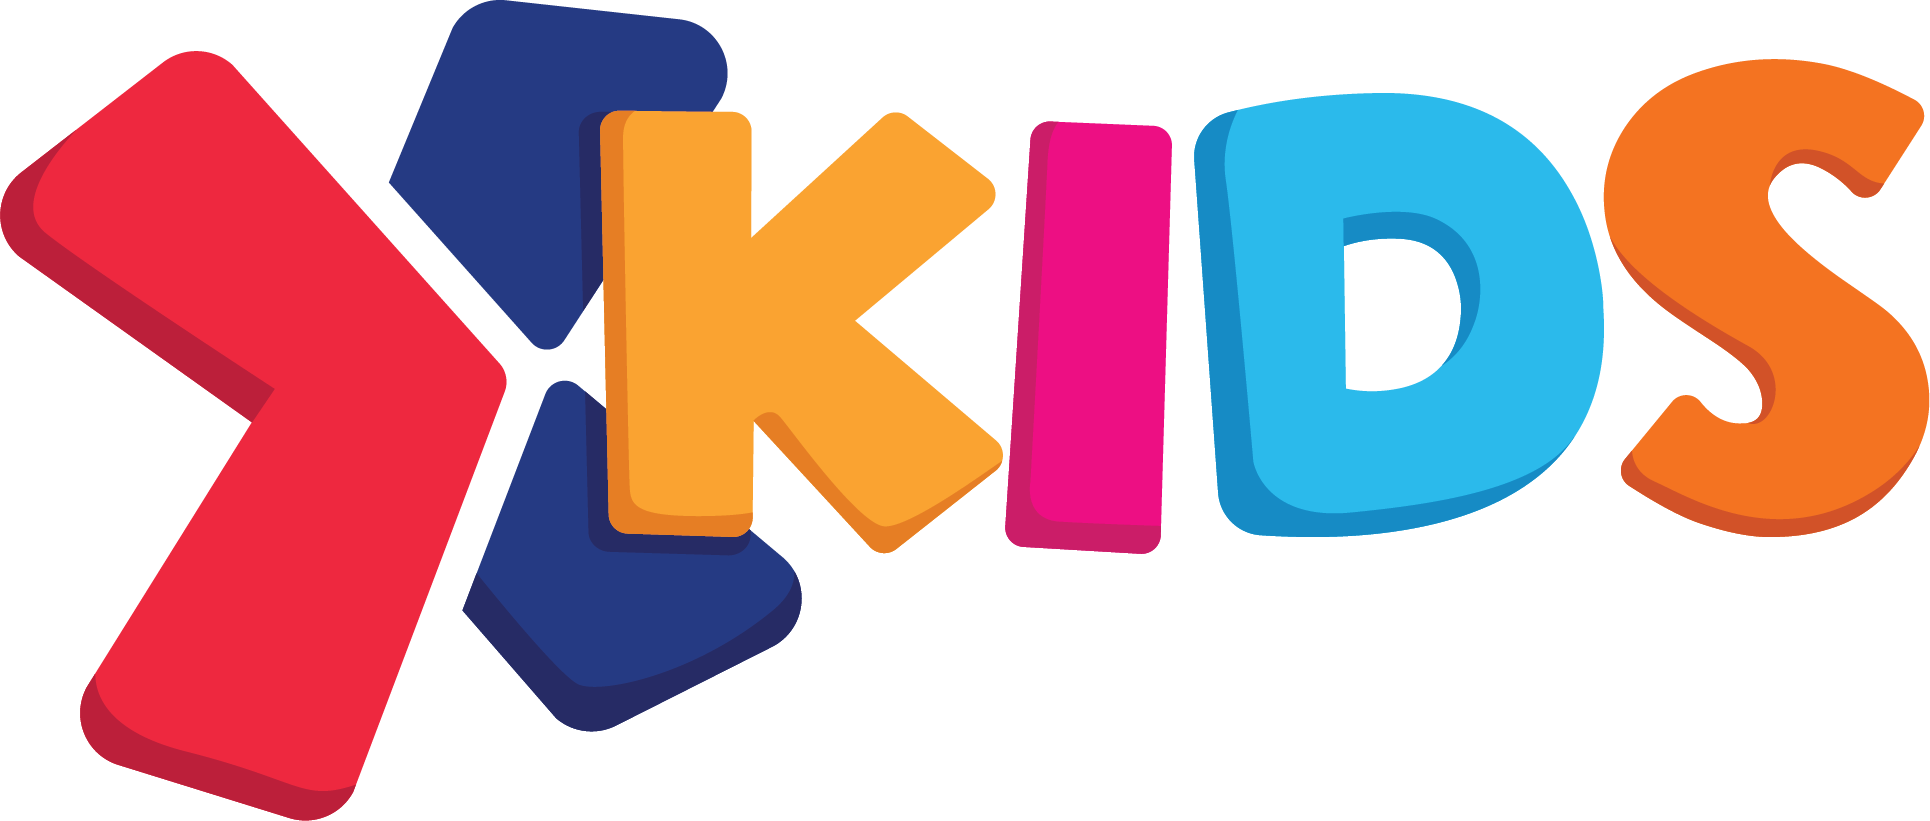 XKidsLogo-01